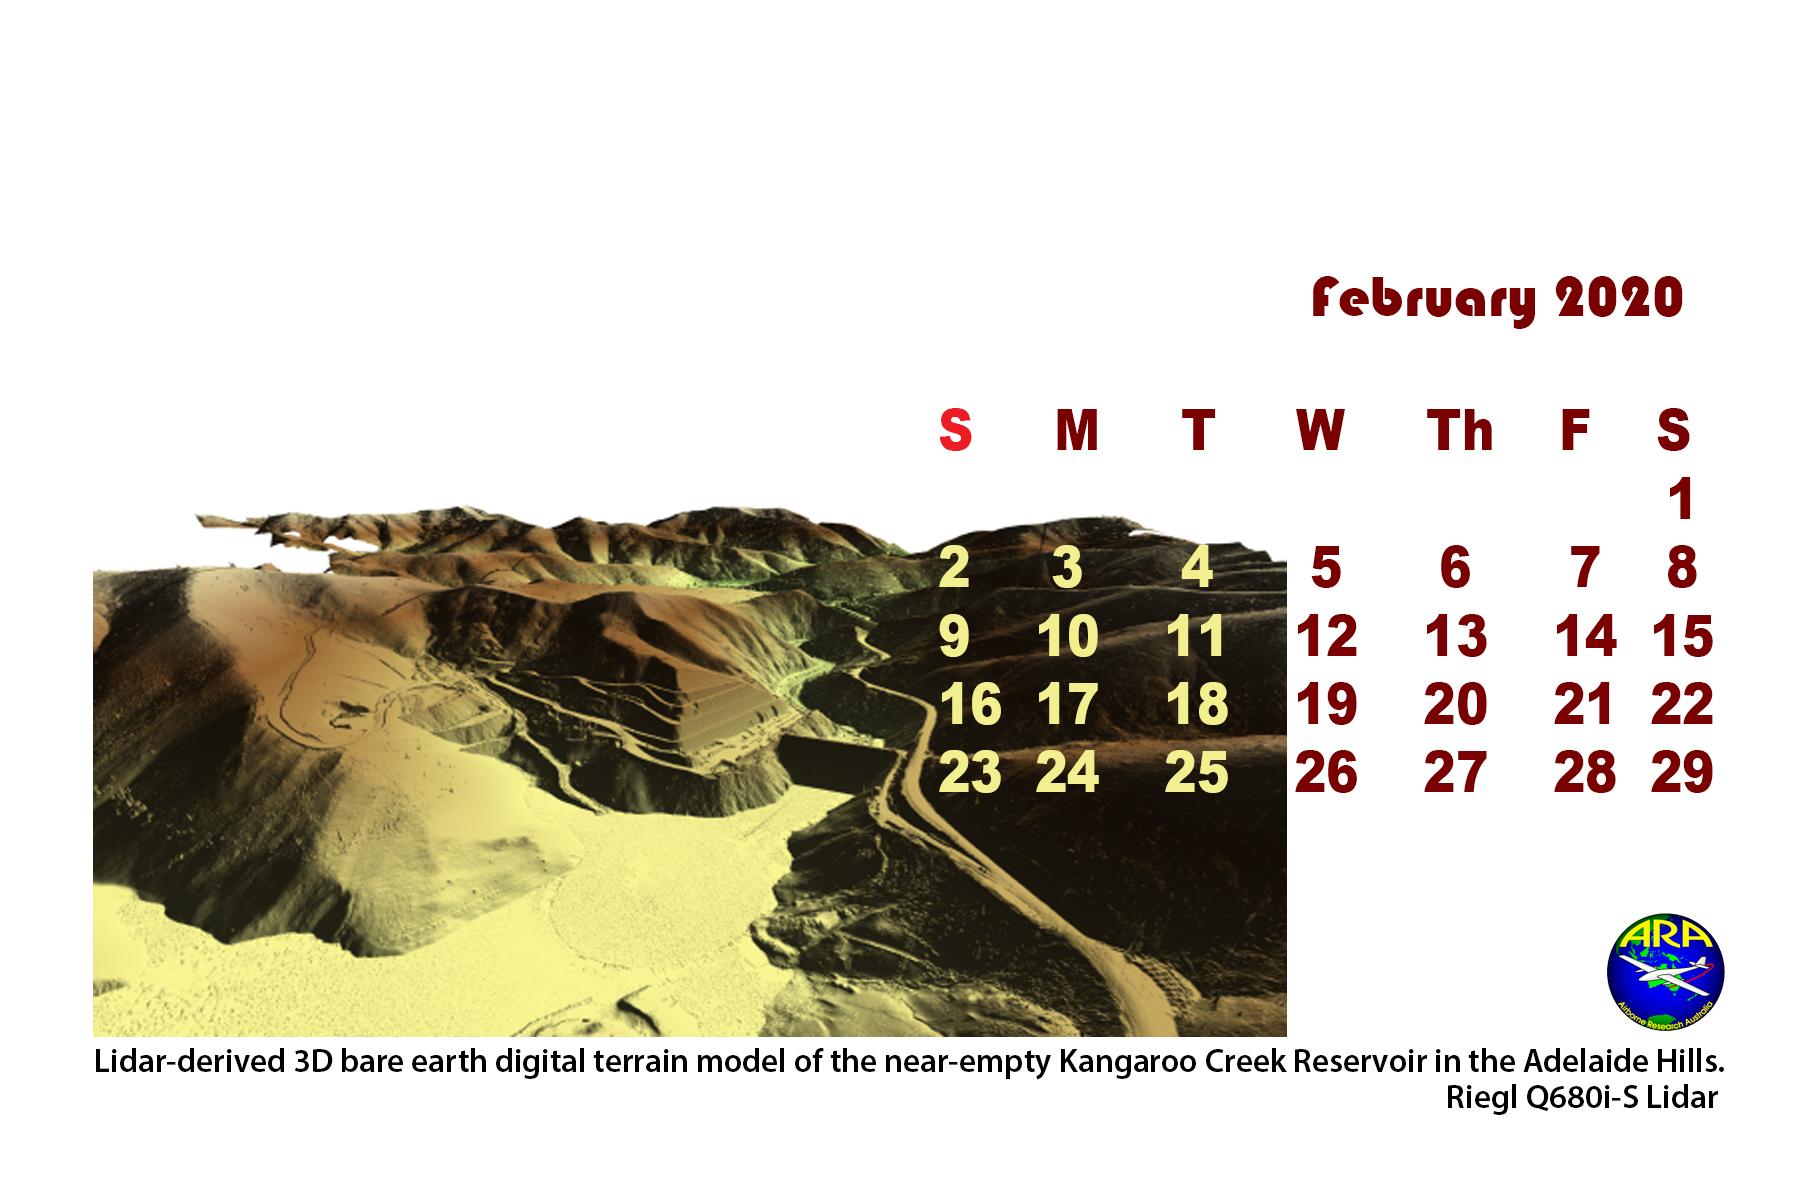 2.February